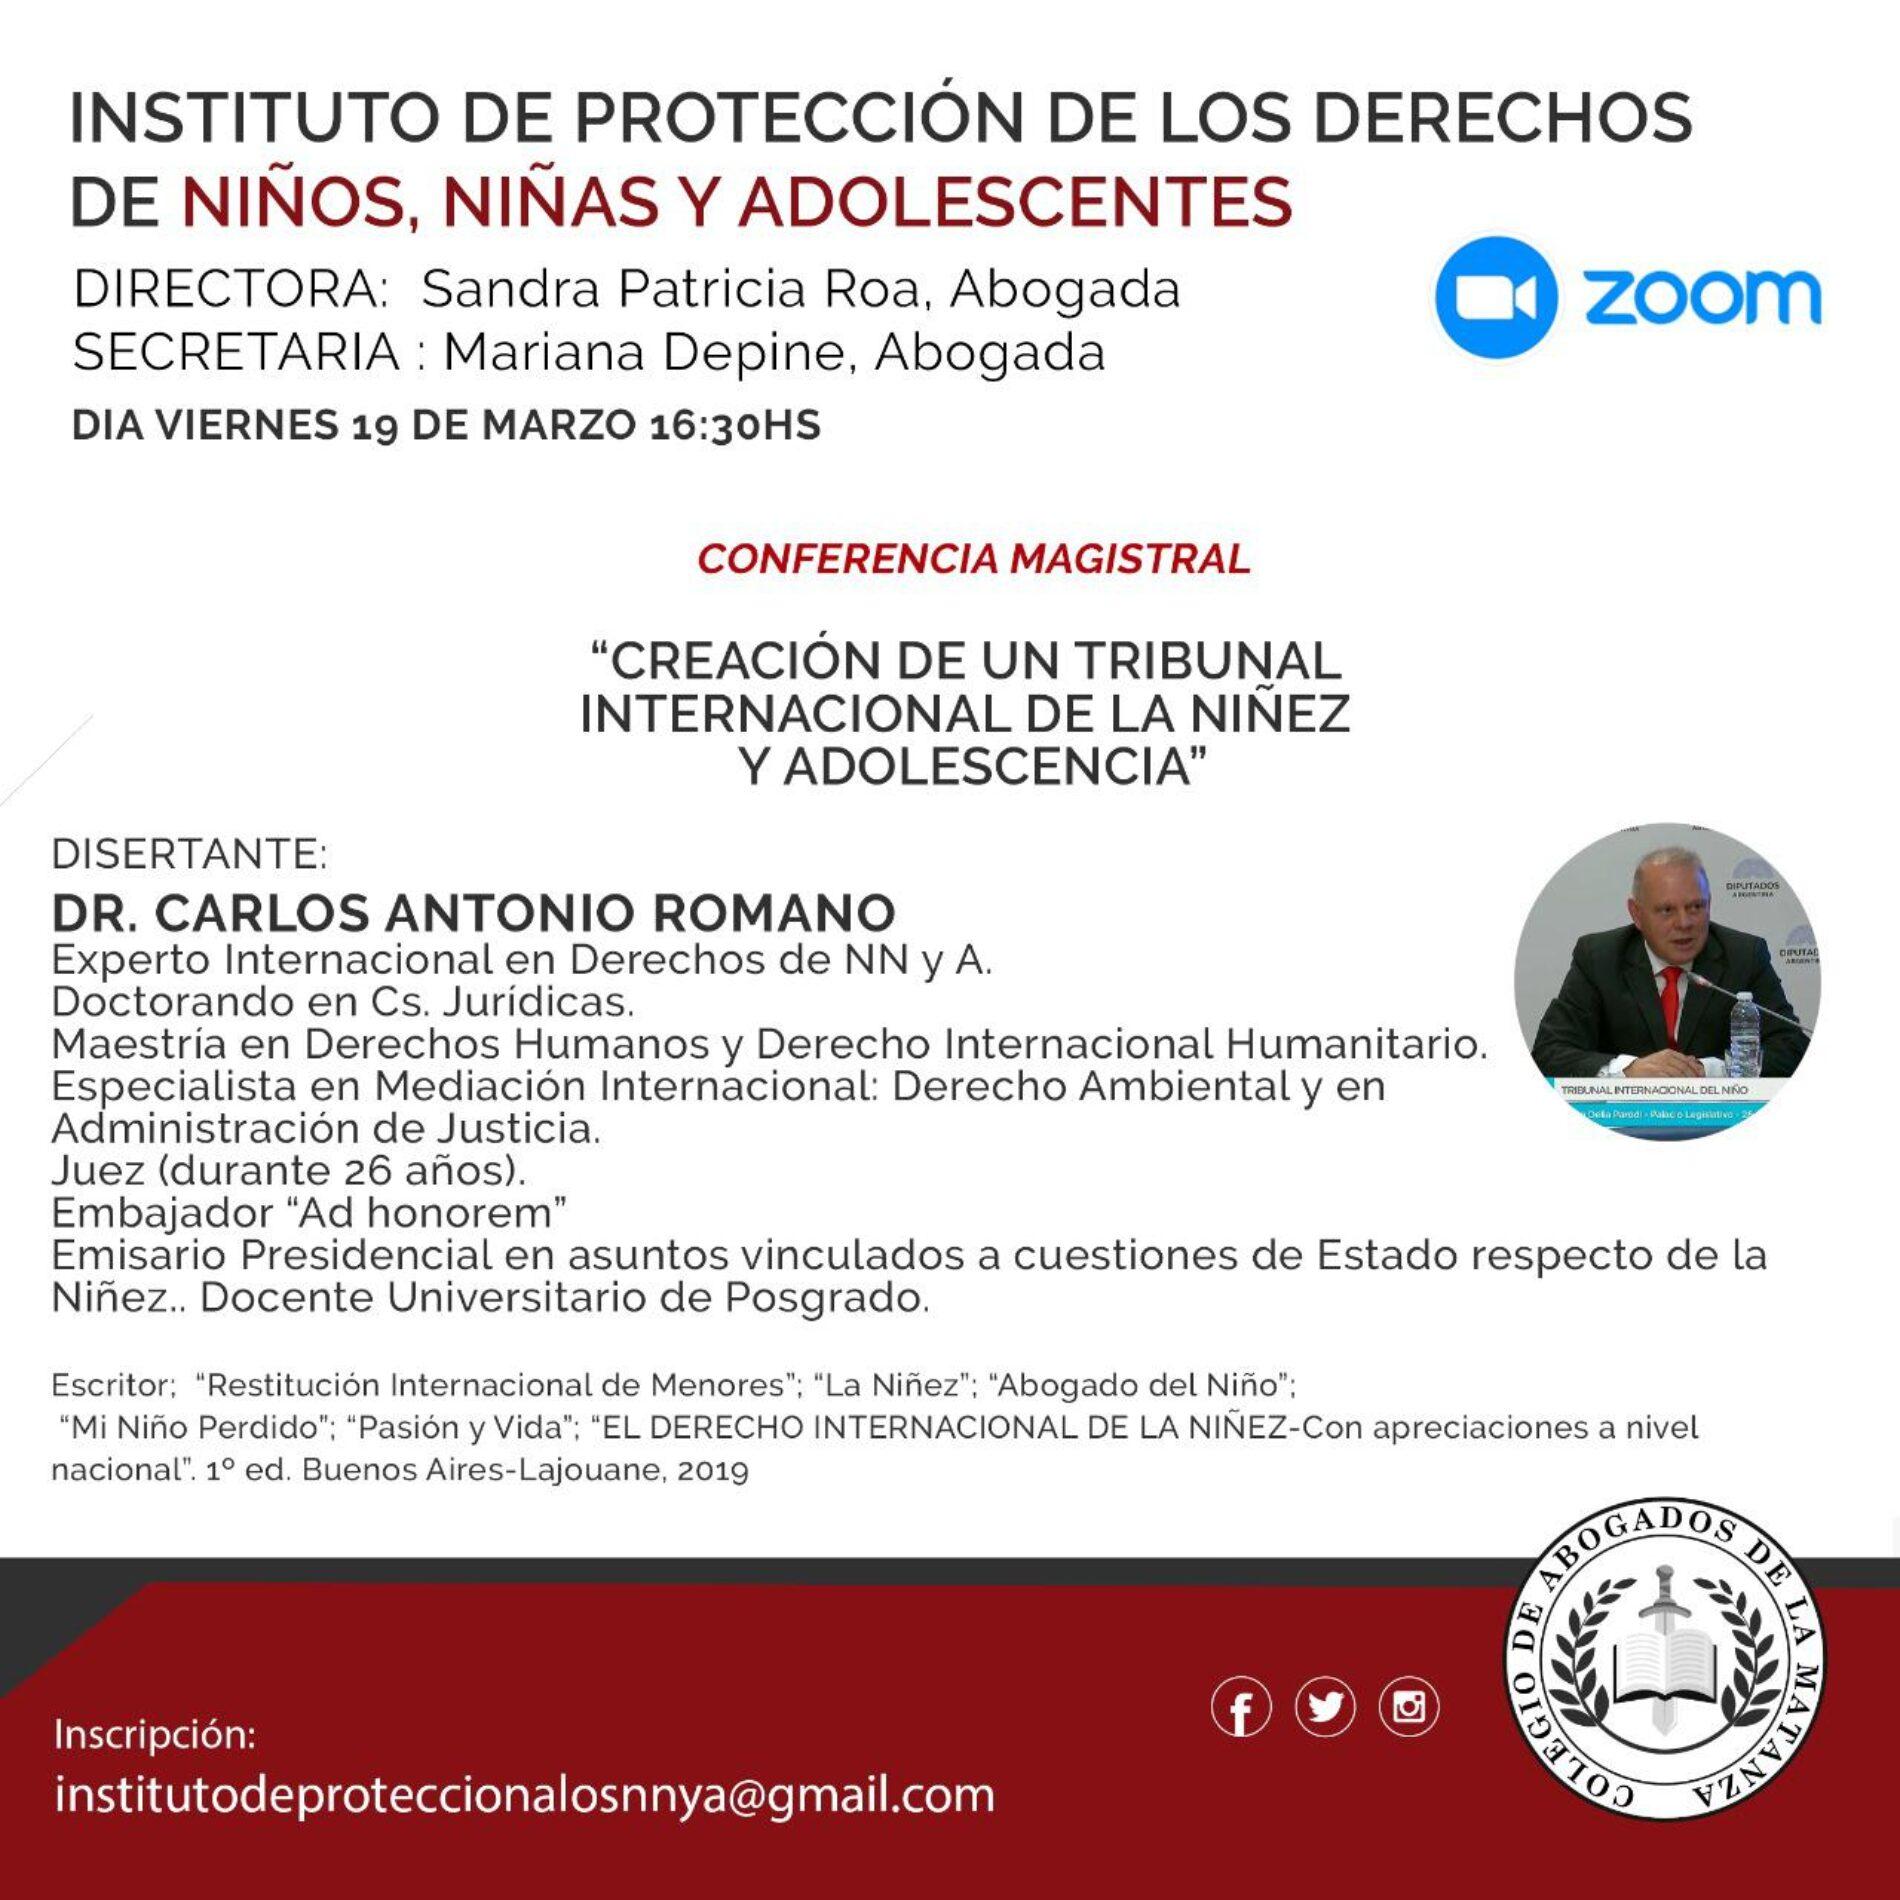 Conferencia magistral: «CREACIÓN DE UN TRIBUNAL INTERNACIONAL DE LA NIÑEZ Y ADOLESCENCIA».